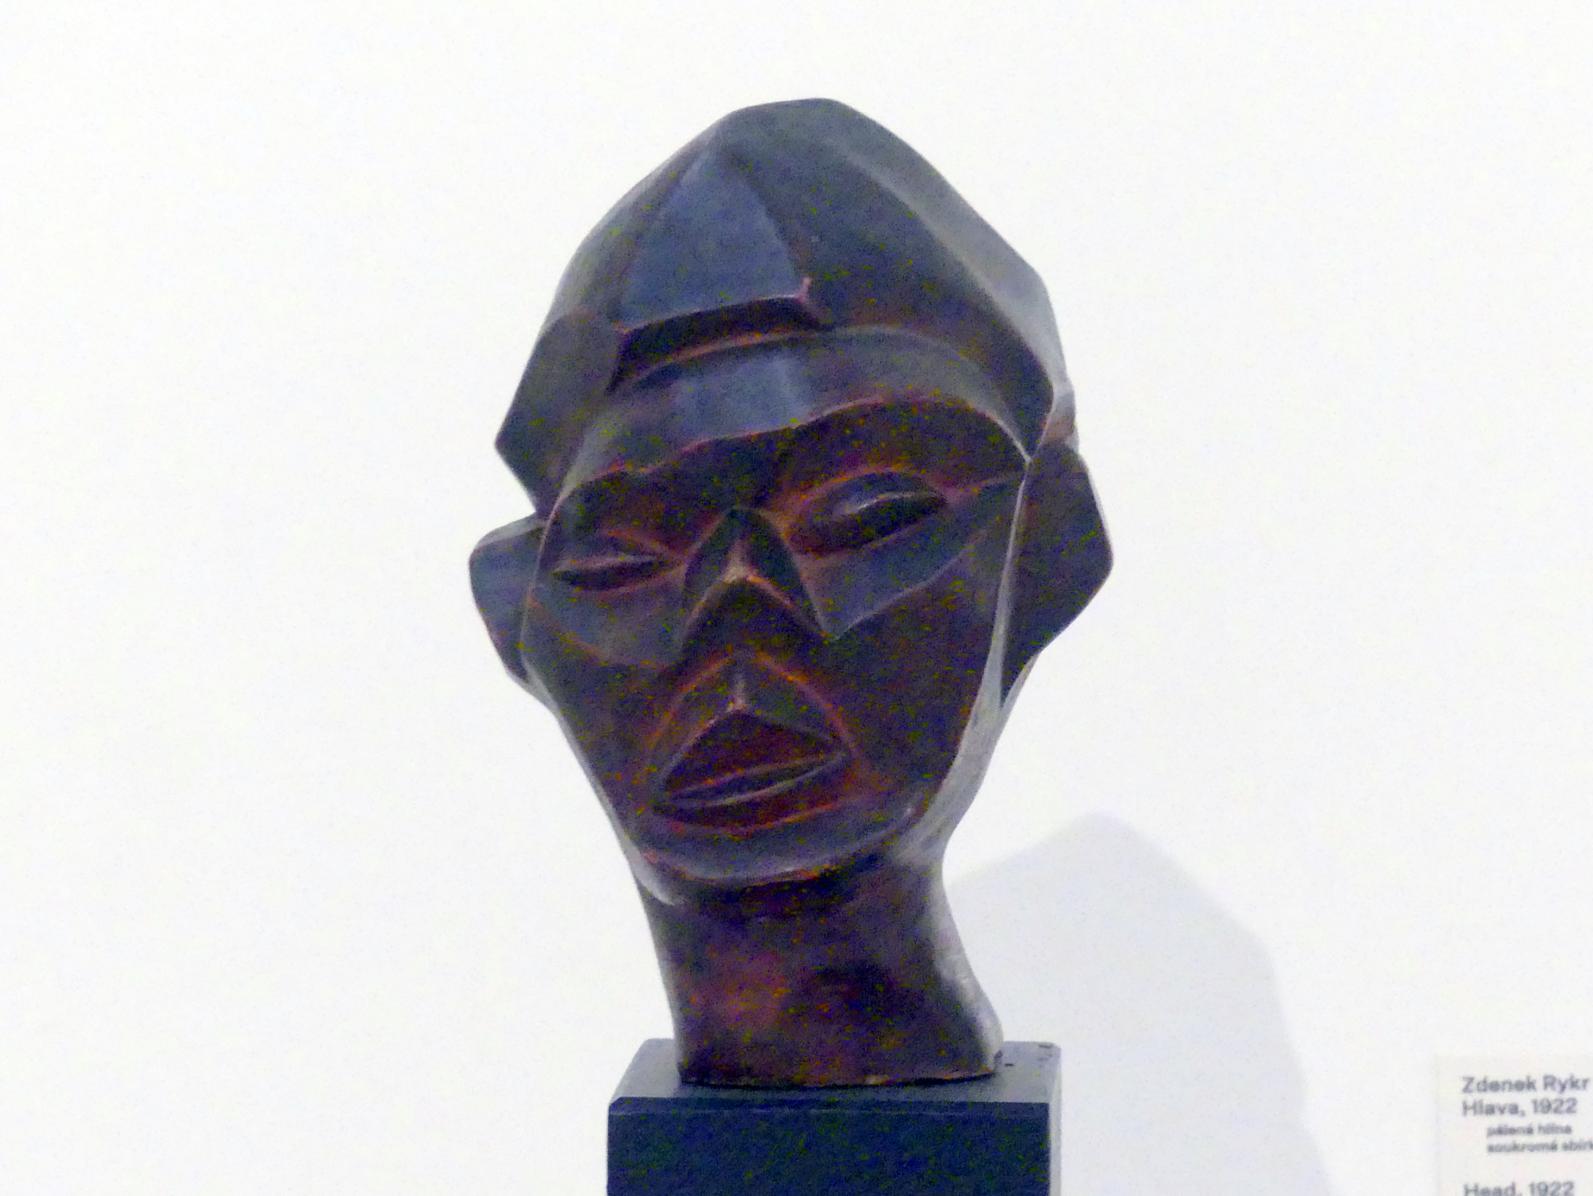 Zdeněk Rykr: Kopf, 1922